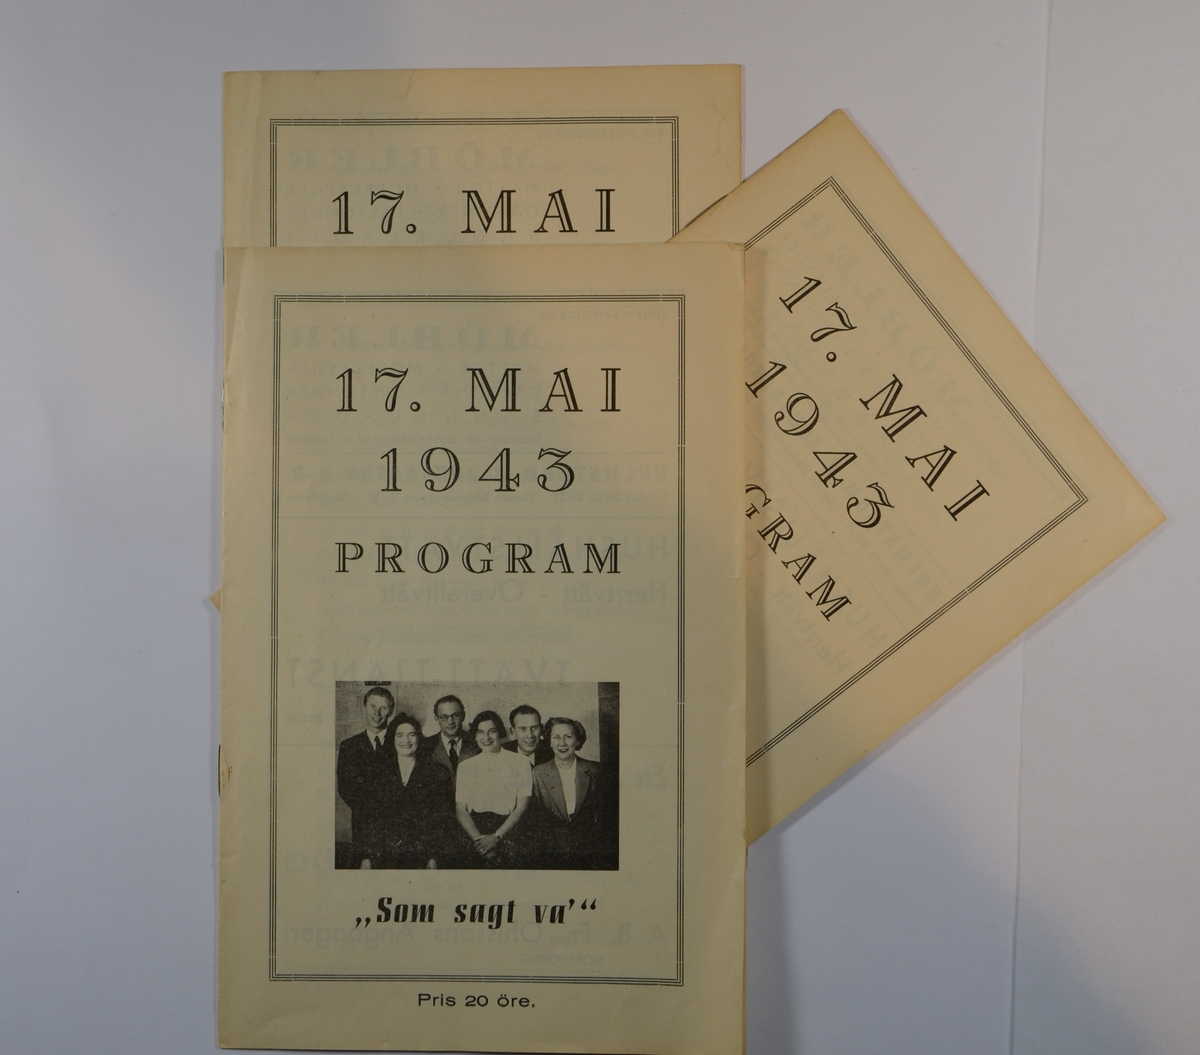 """17. mai 1943 program til revyen: """"Som sagt va"""", skrevet av Eva Scheer og Ben London. Trykket av Kjellman & Bothvidson Tryckeri, Norrköping 1943."""